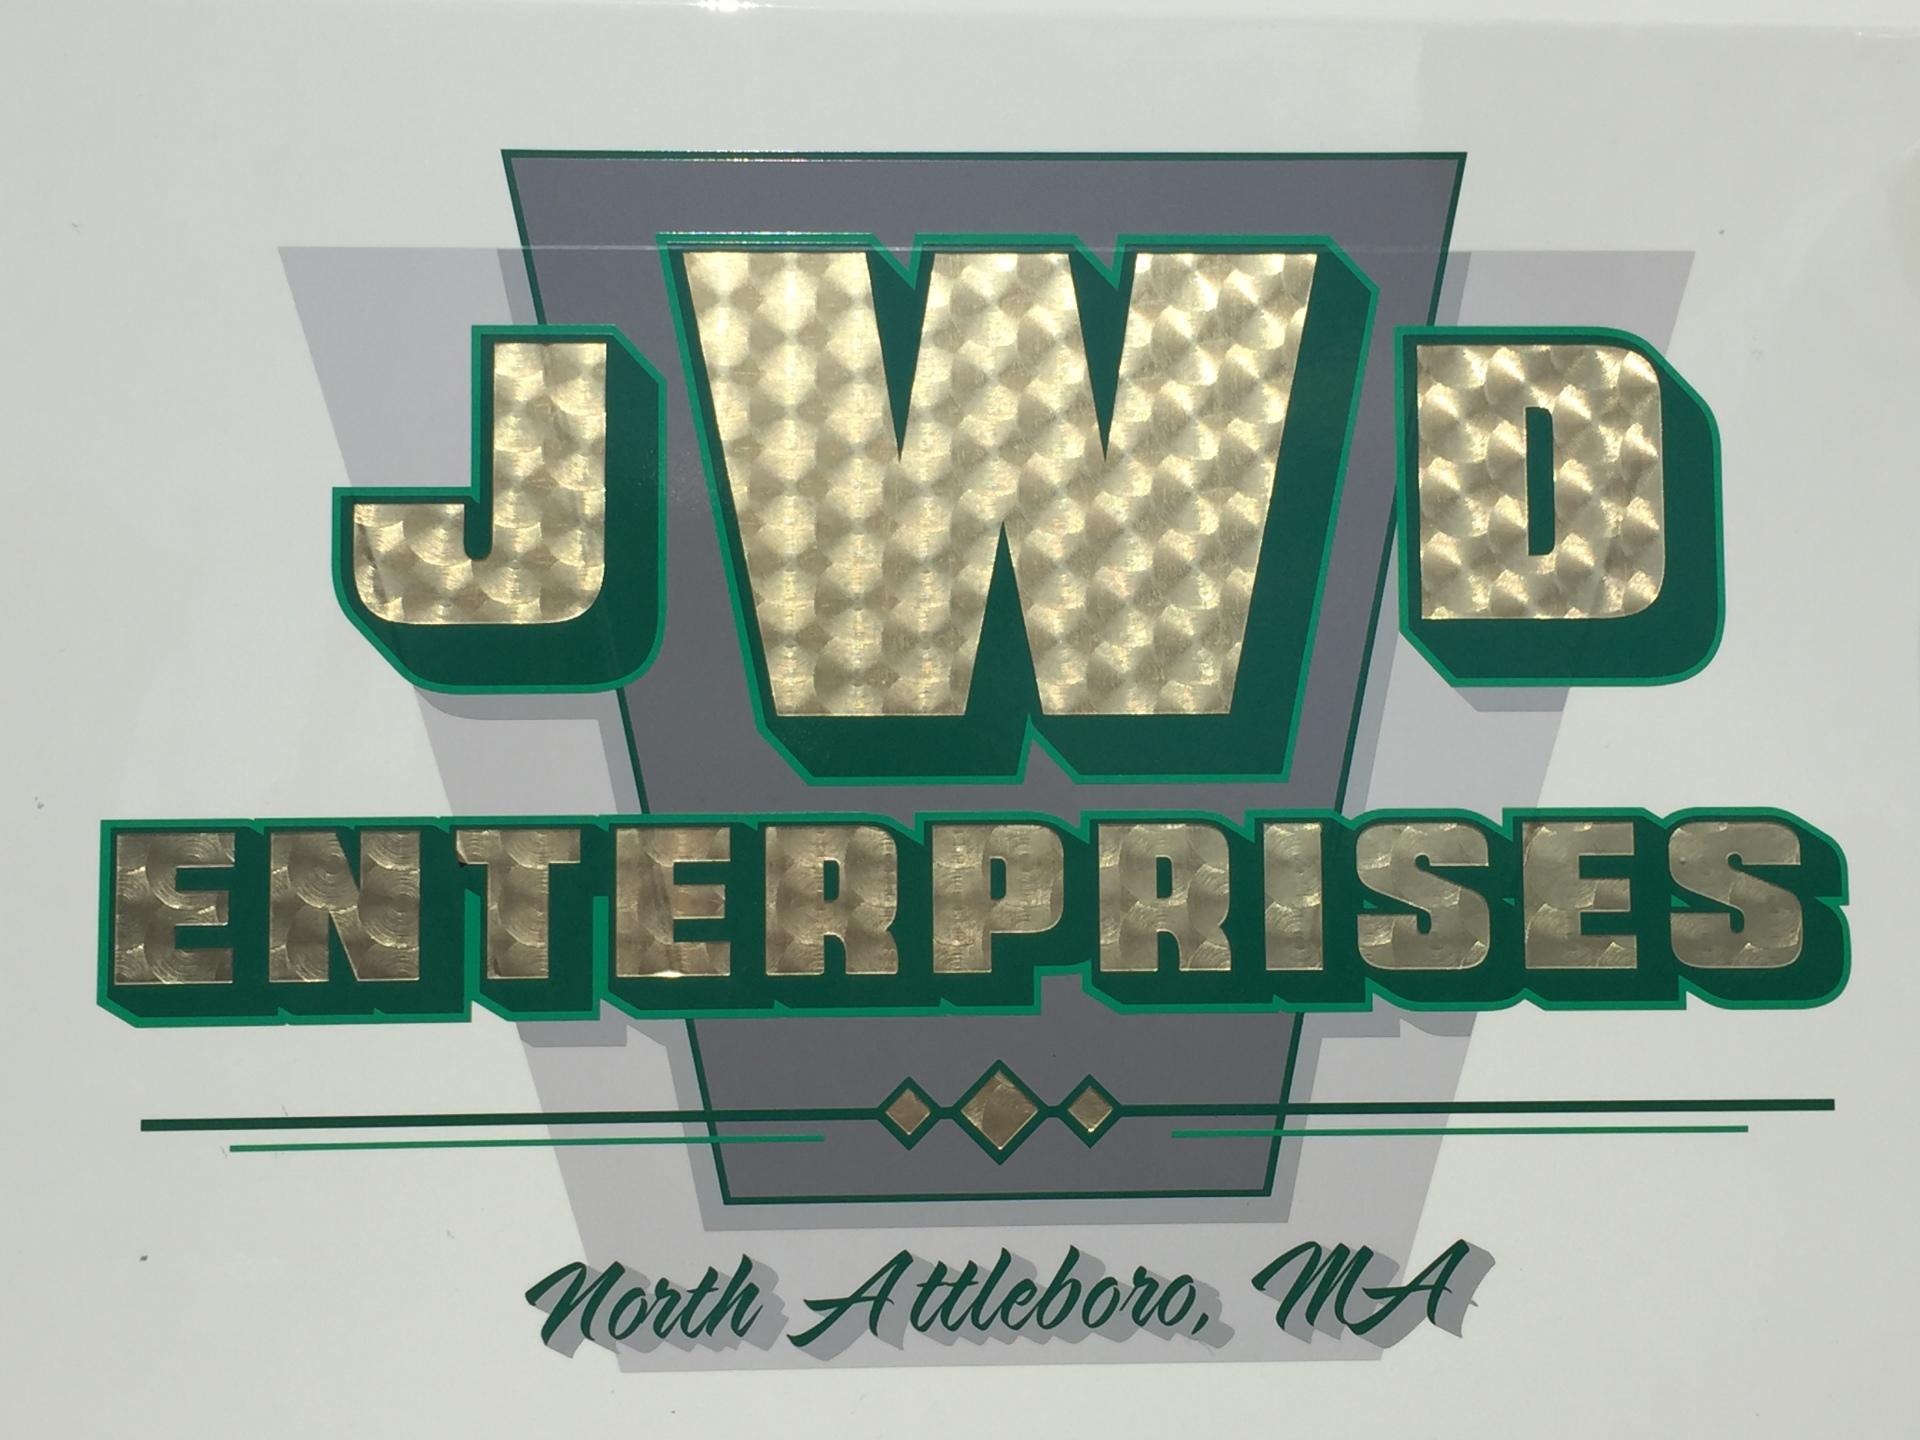 JDW Enterprises